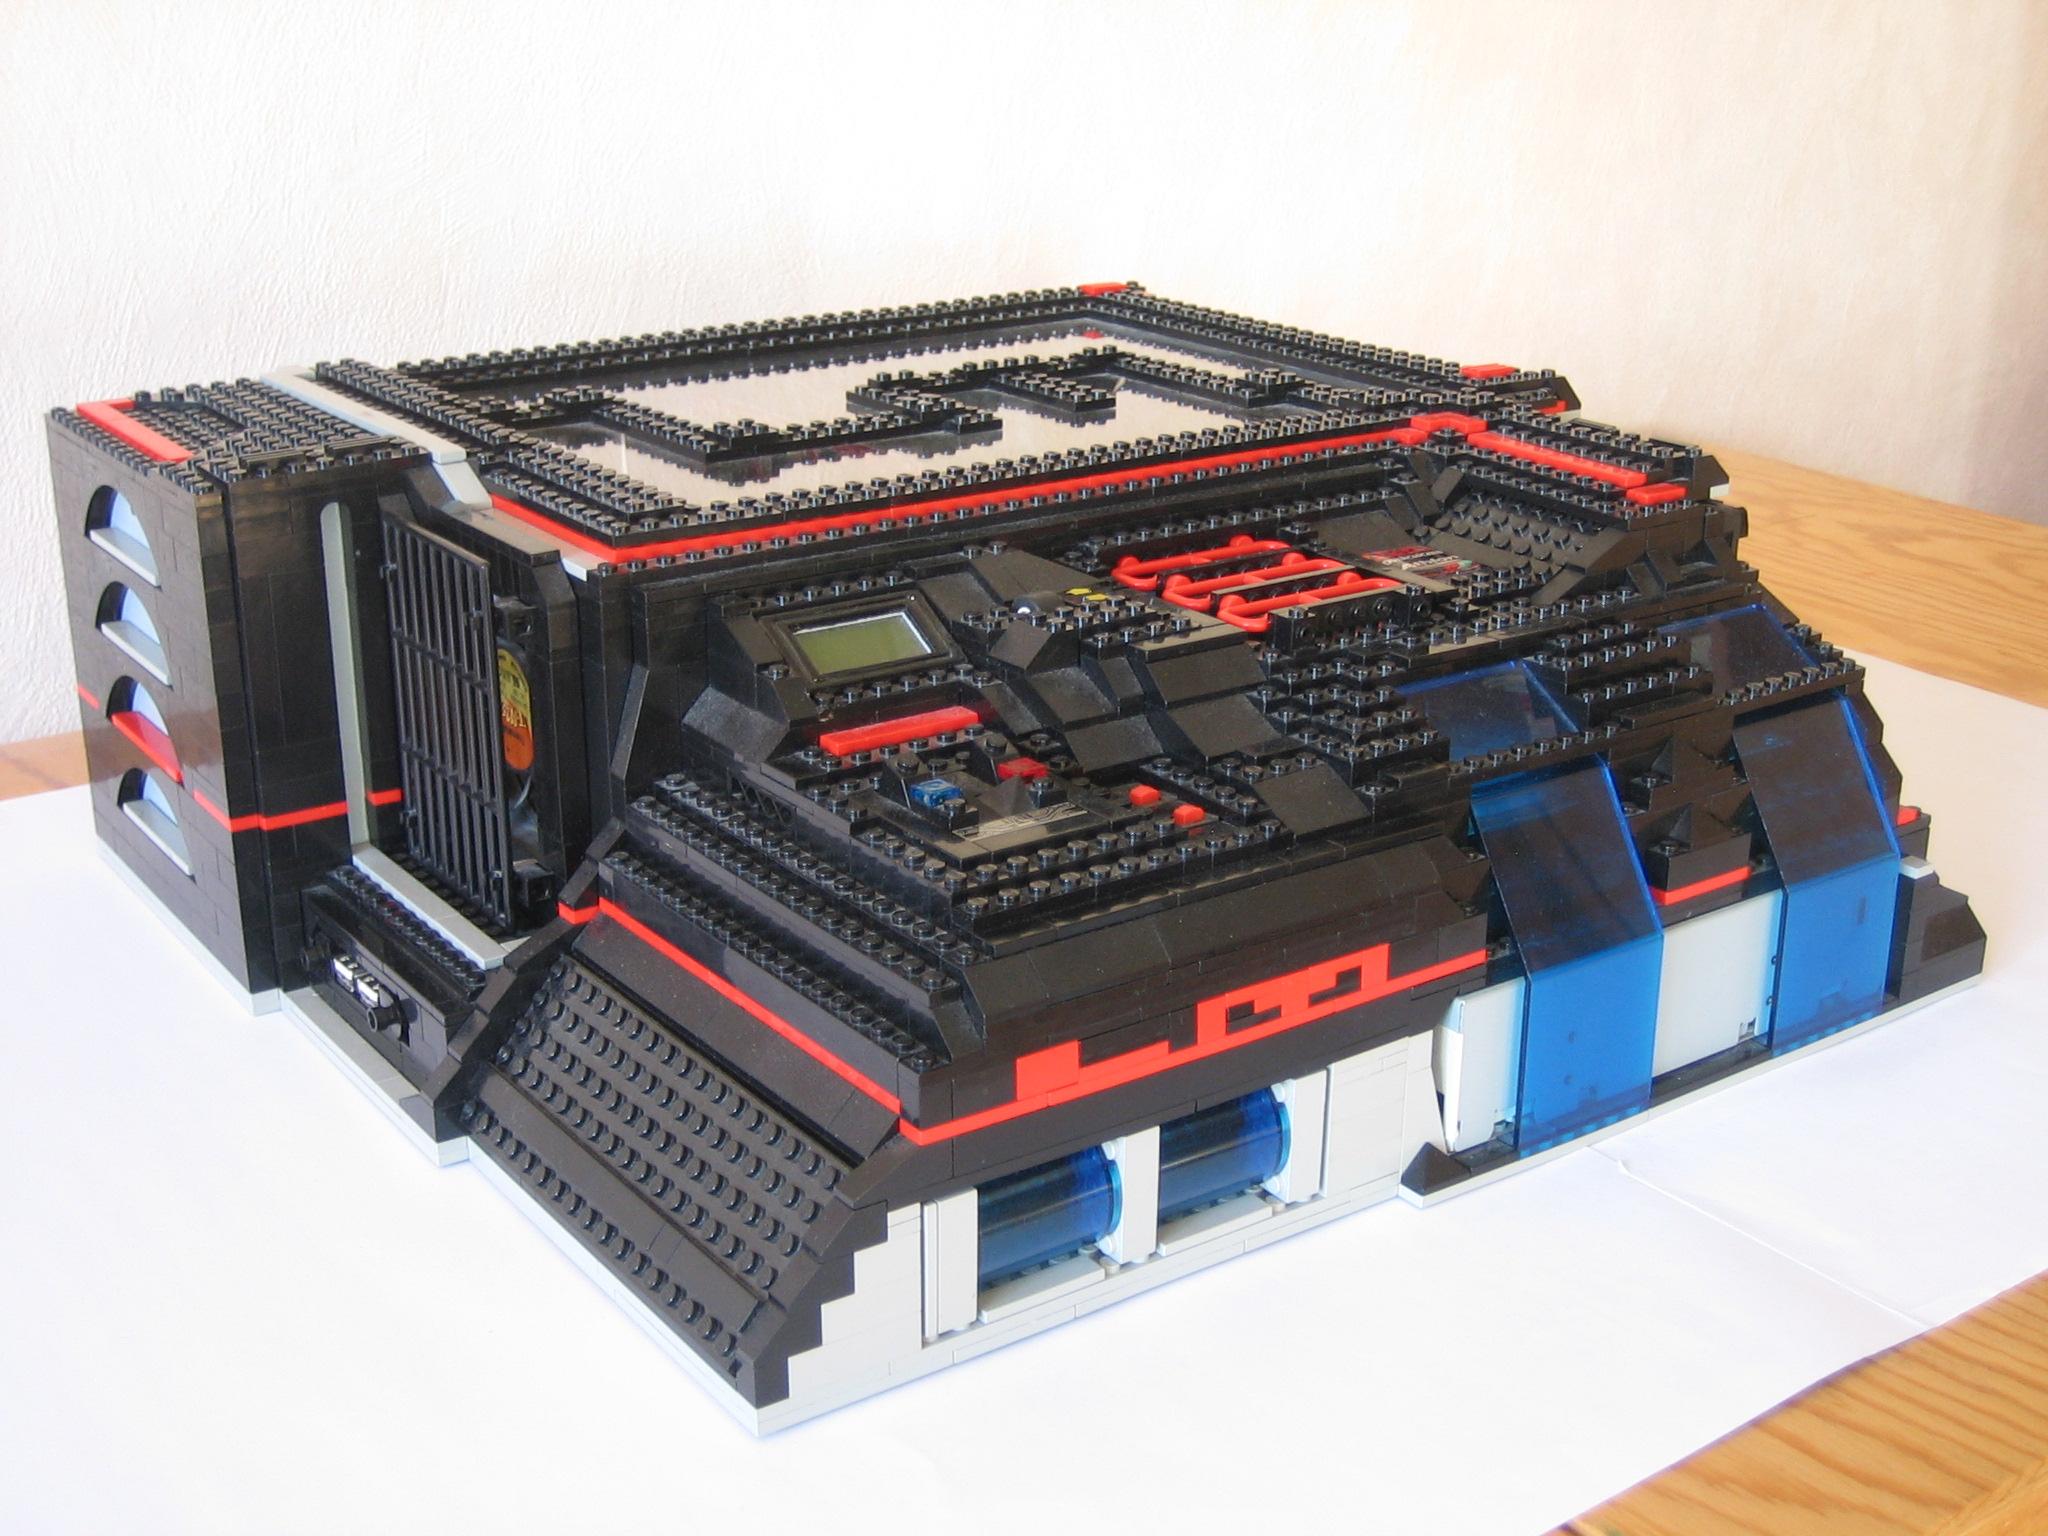 Lego Mod v2 - Lego PC